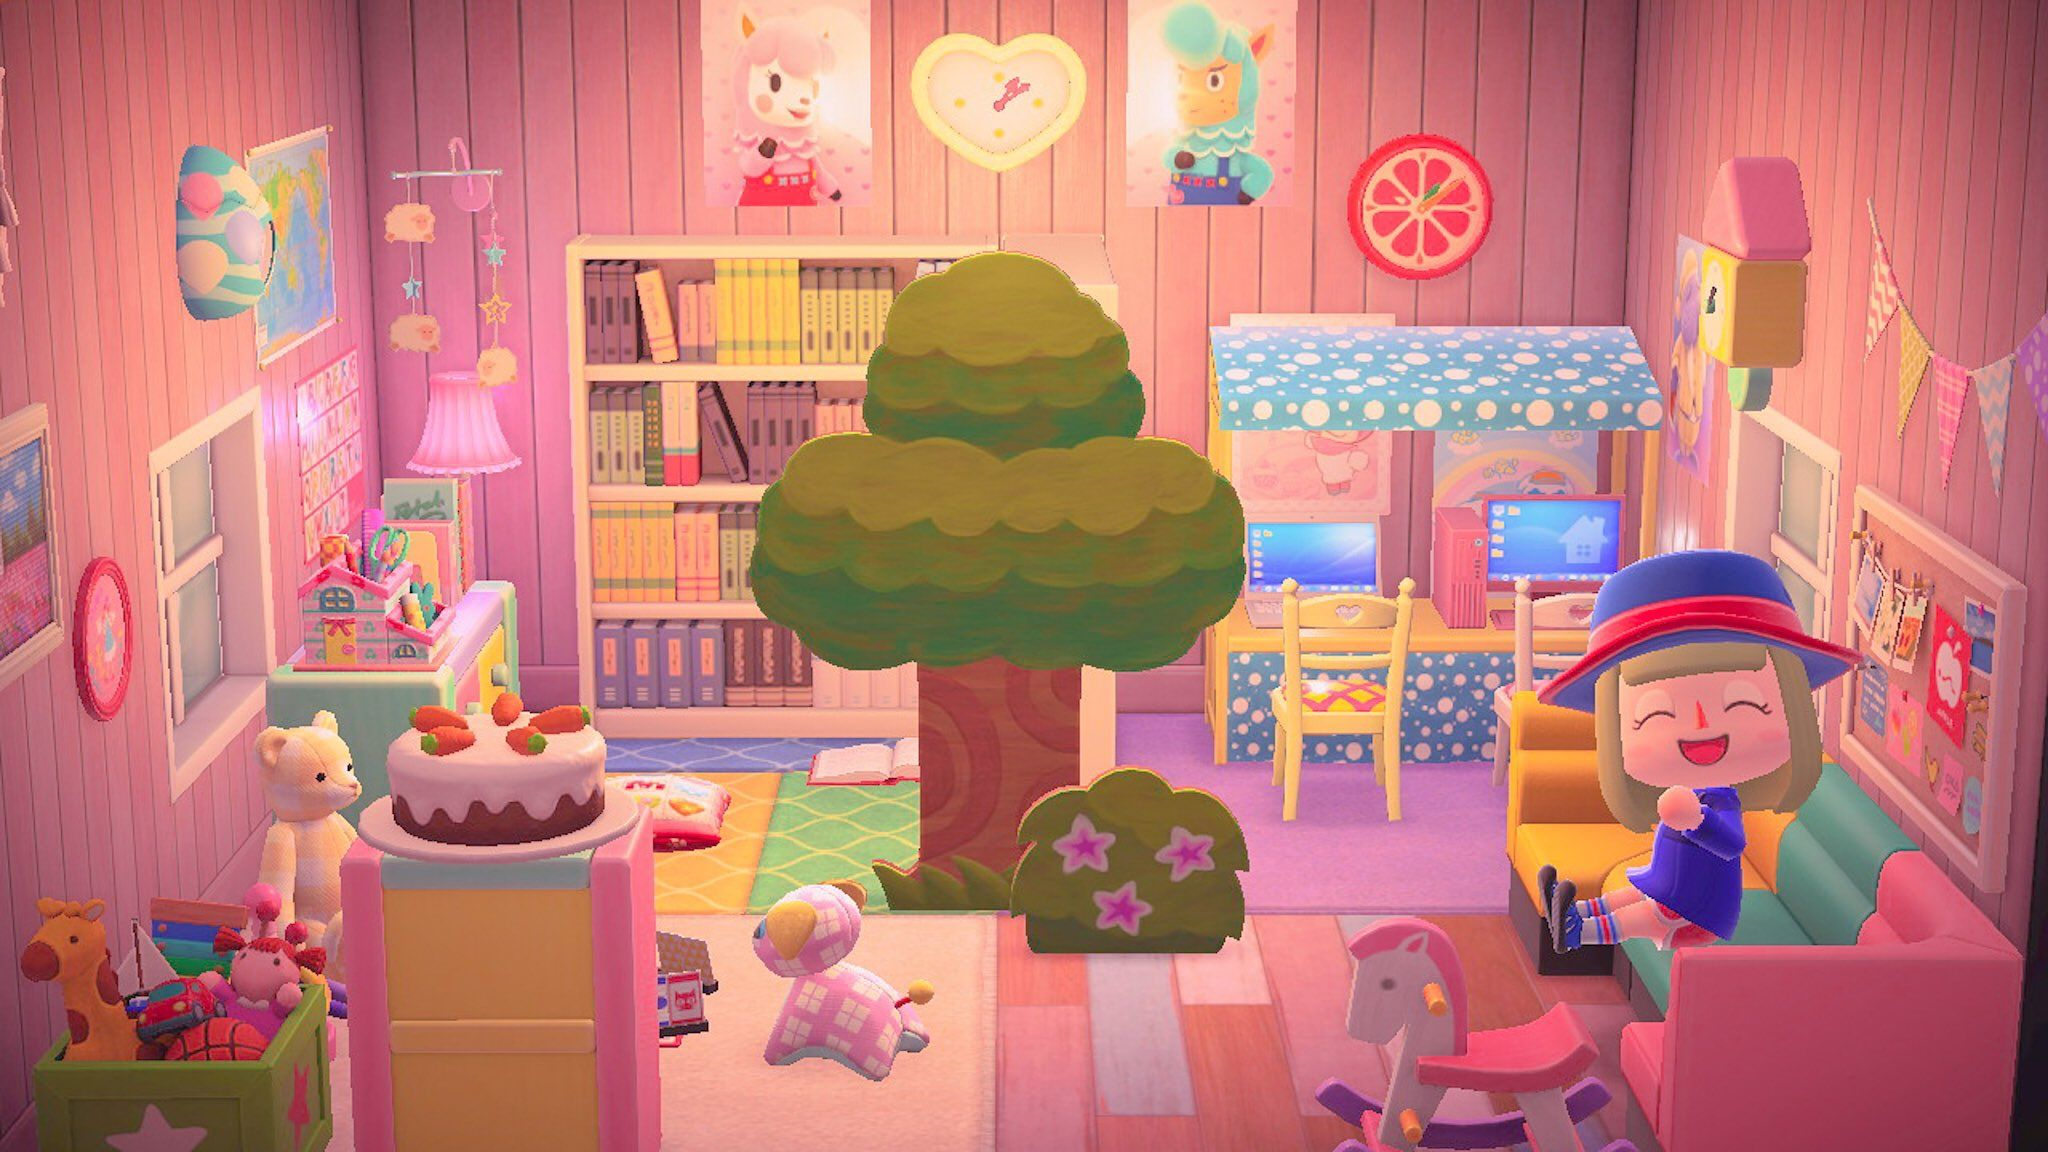 Kenzie Rebuilding On Twitter Animal Crossing Animal Crossing Villagers Animal Crossing Guide